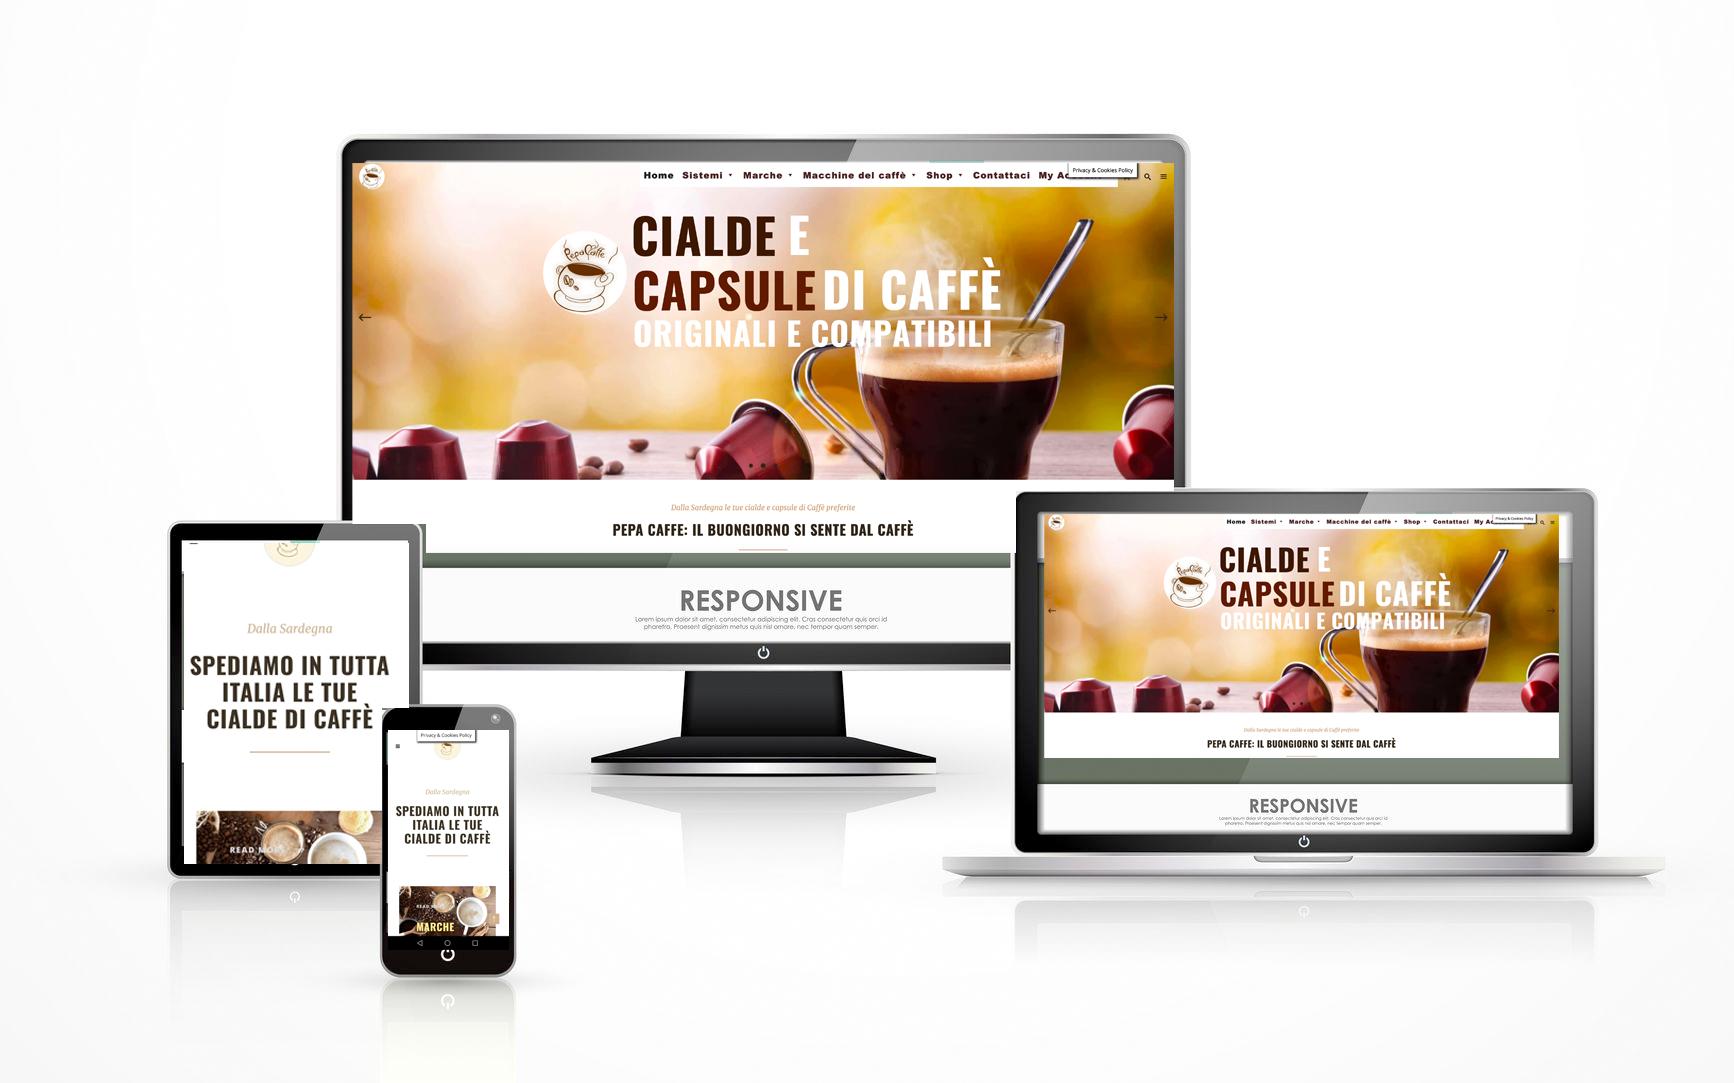 pepa caffe vendita online